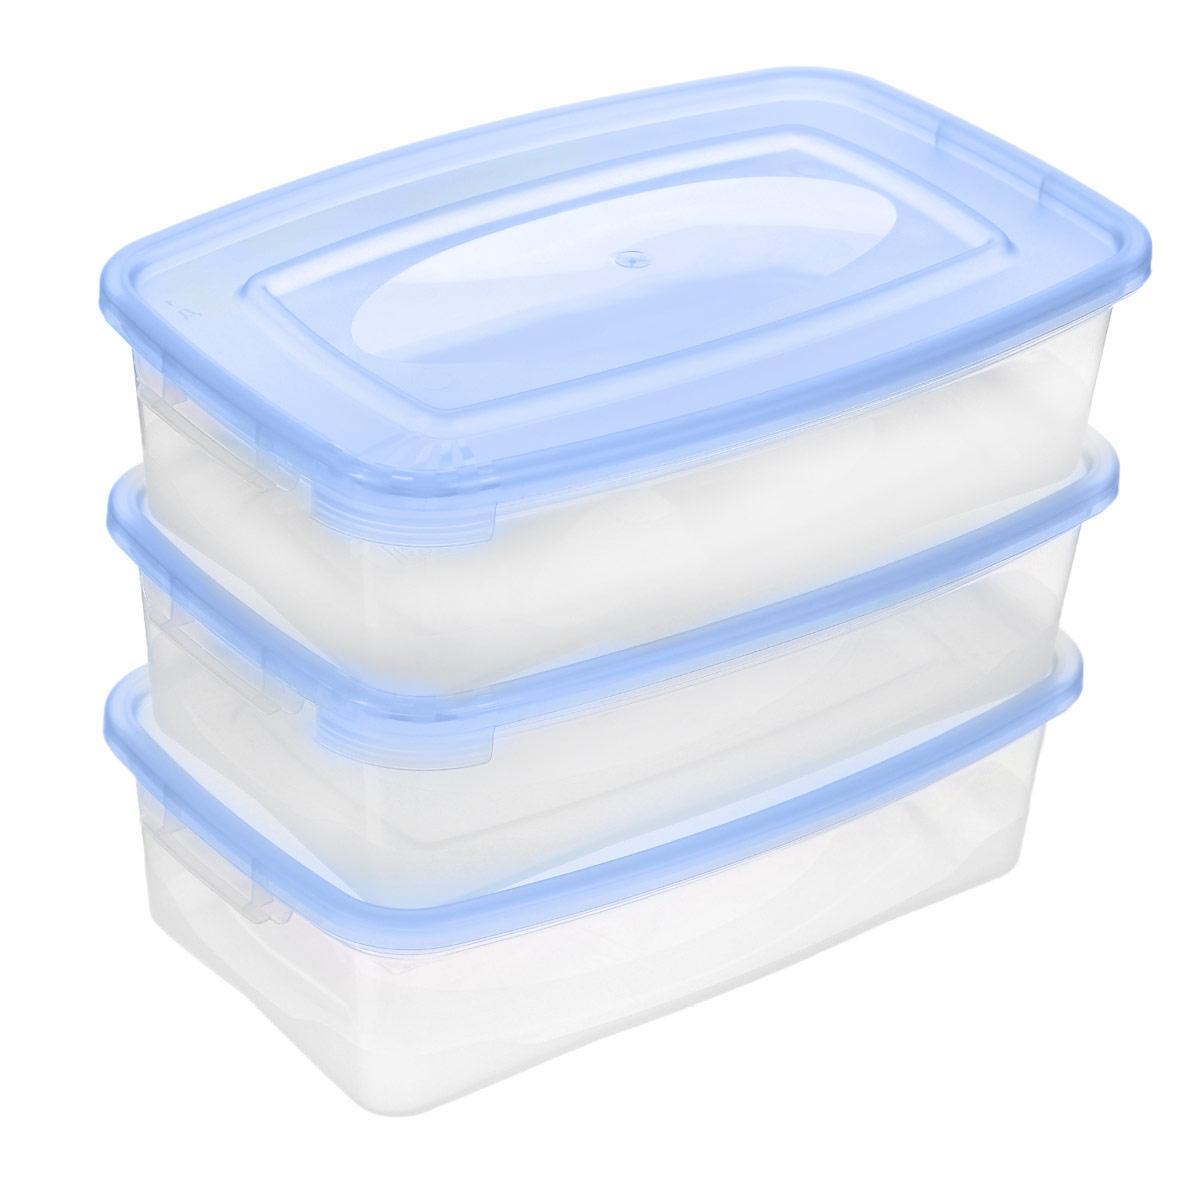 Набор контейнеров Полимербыт Каскад, цвет: голубой, 700 мл, 3 штС54001_голубойНабор контейнеров Полимербыт Каскад изготовлен из высококачественного прочного пластика, устойчивого к высоким температурам. Стенки контейнера прозрачные, что позволяет видеть содержимое. Цветная полупрозрачная крышка плотно закрывается. Контейнер идеально подходит для хранения пищи, его удобно брать с собой на работу, учебу, пикник или просто использовать для хранения пищи в холодильнике.Можно использовать в микроволновой печи при температуре до +120°С (при открытой крышке) и для заморозки в морозильной камере при температуре до -40°С. Можно мыть в посудомоечной машине.Комплектация: 3 шт.